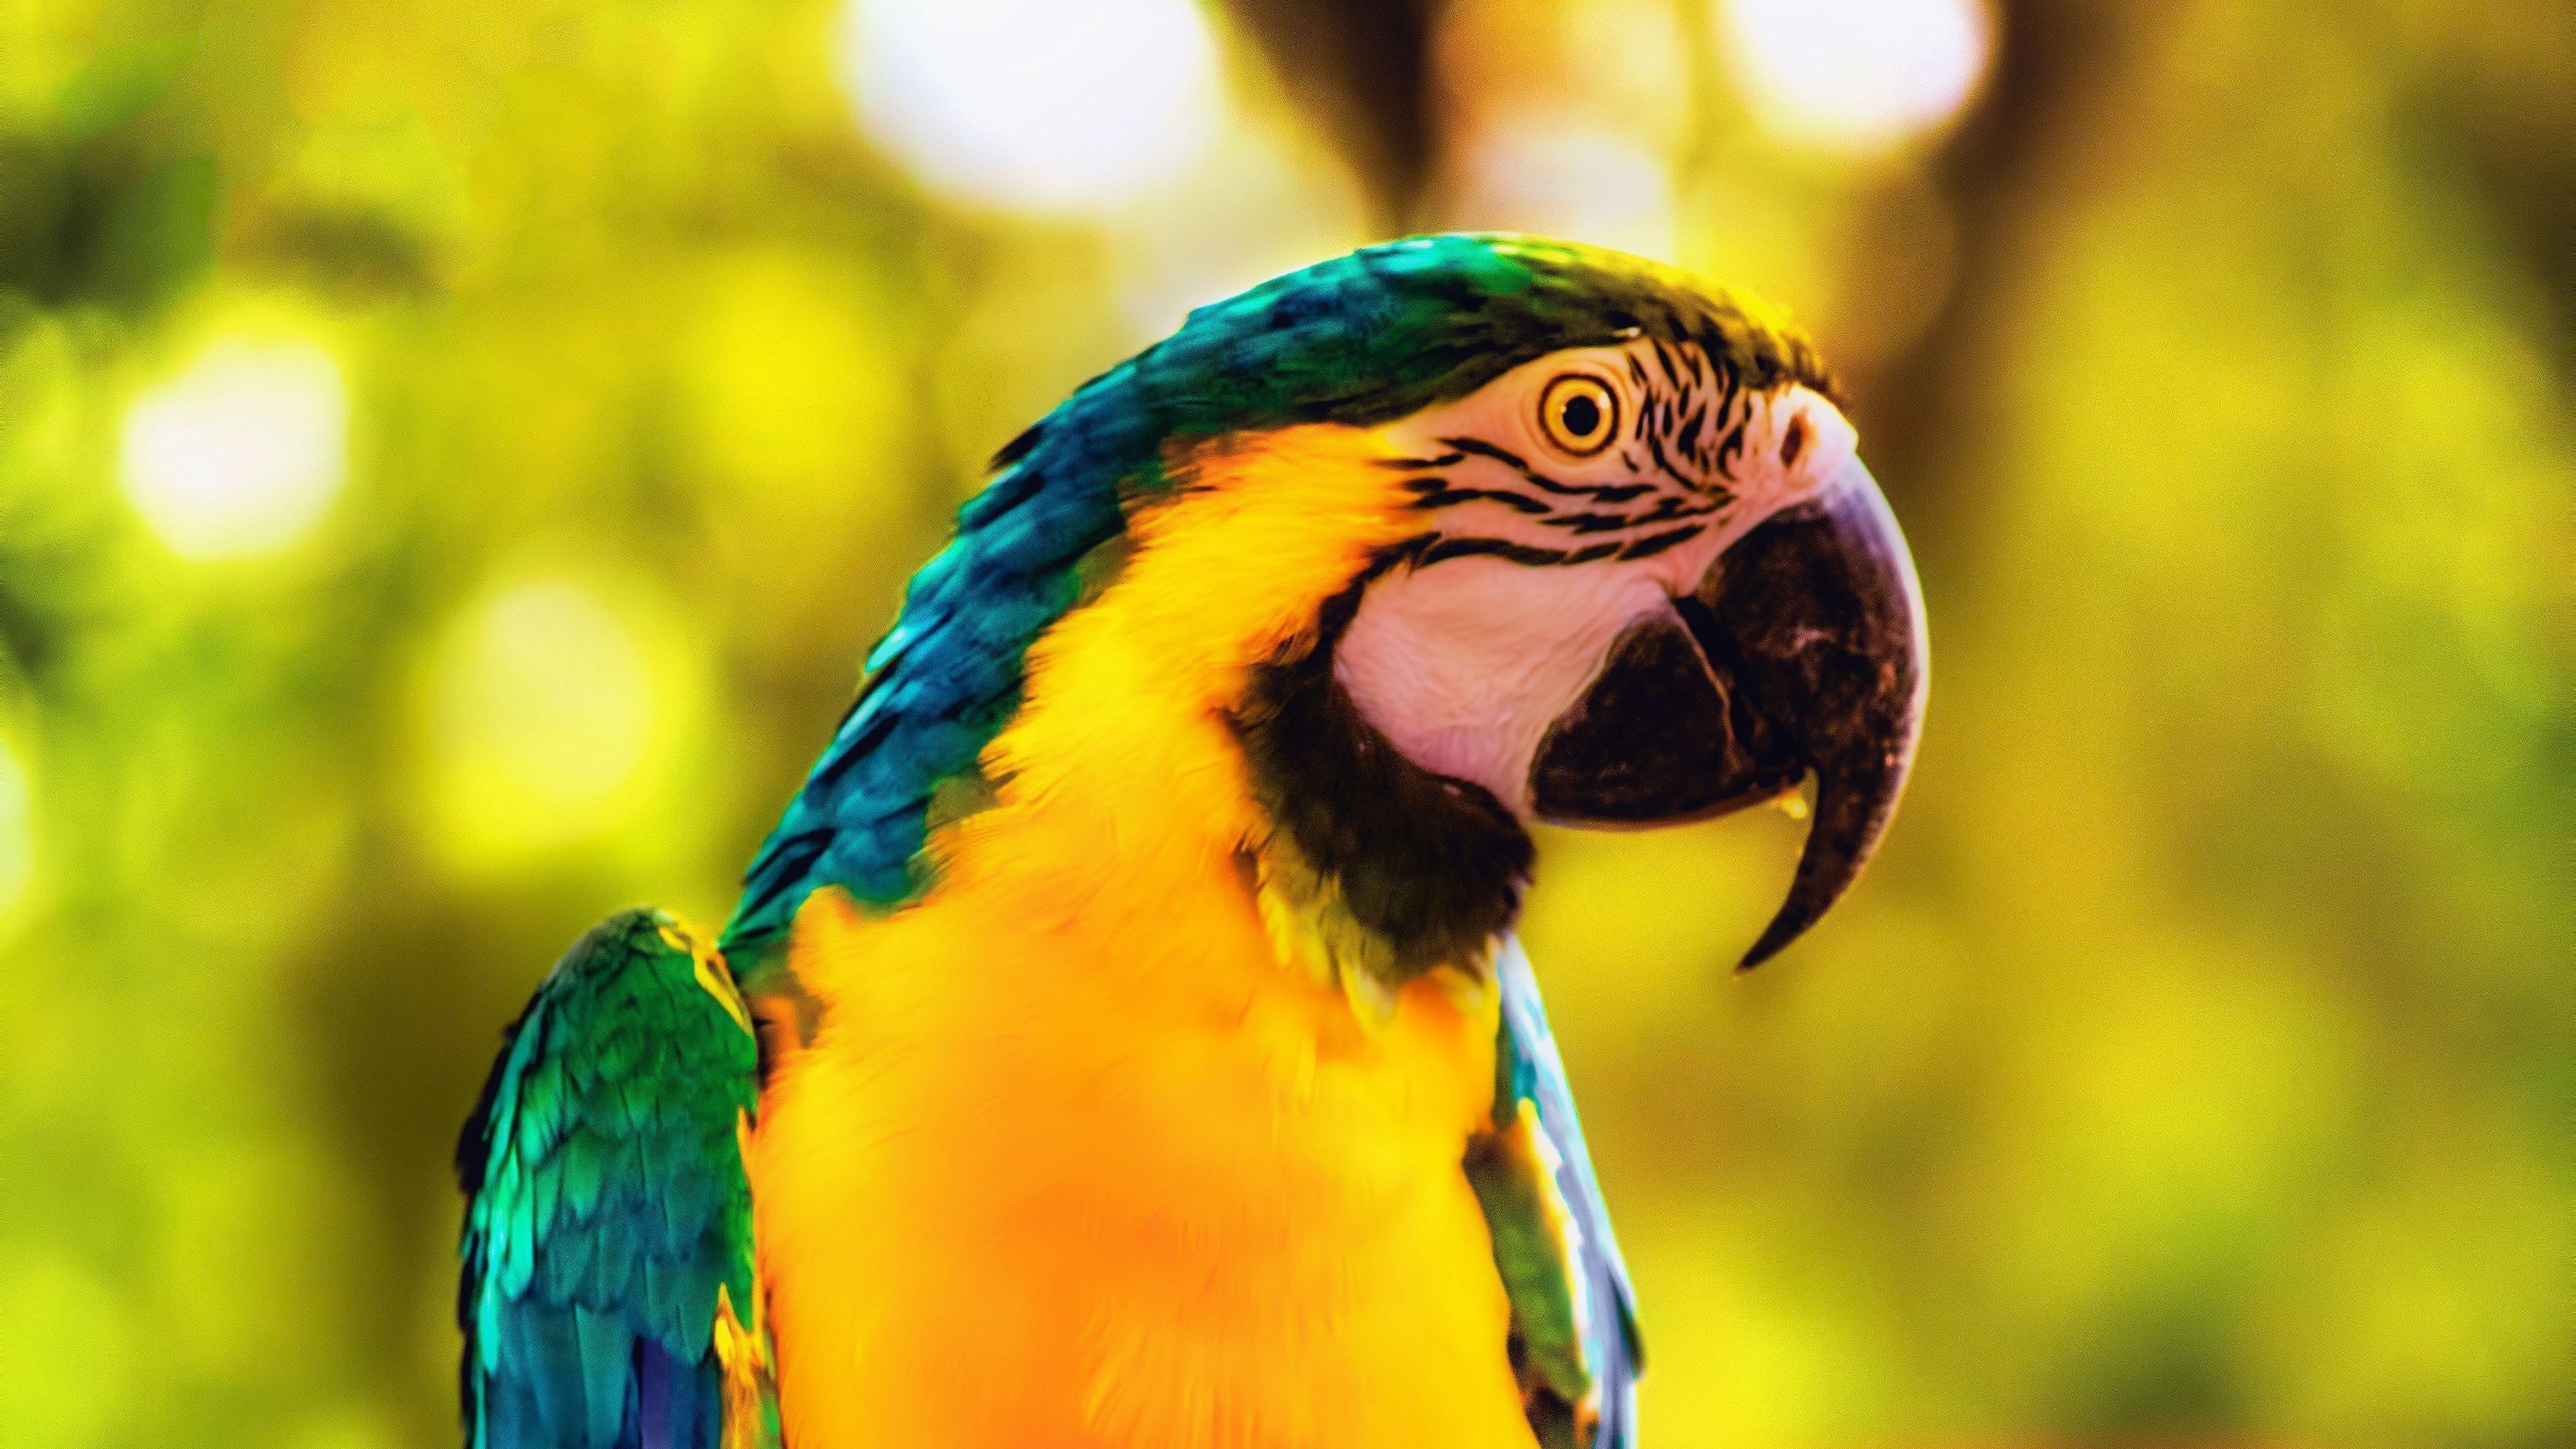 Ара попугай птица яркая ветка обои скачать